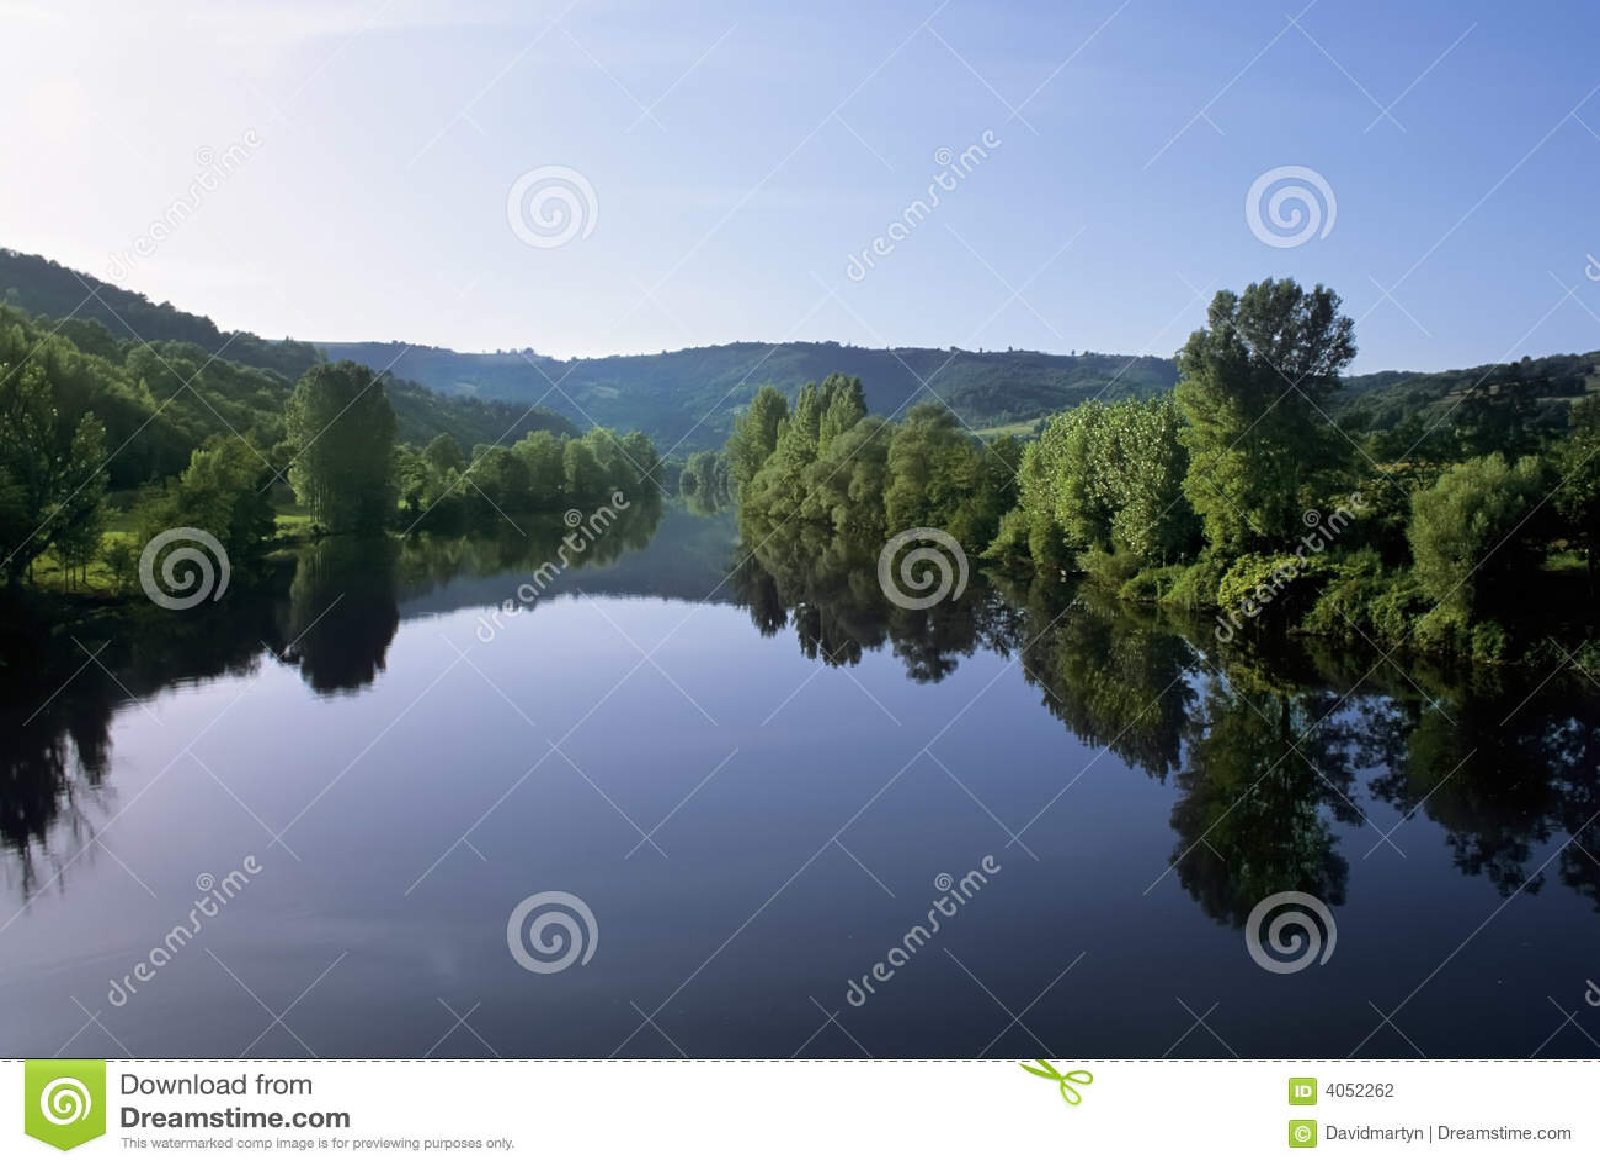 Sort de fleuve de la France Midi Pyrénées